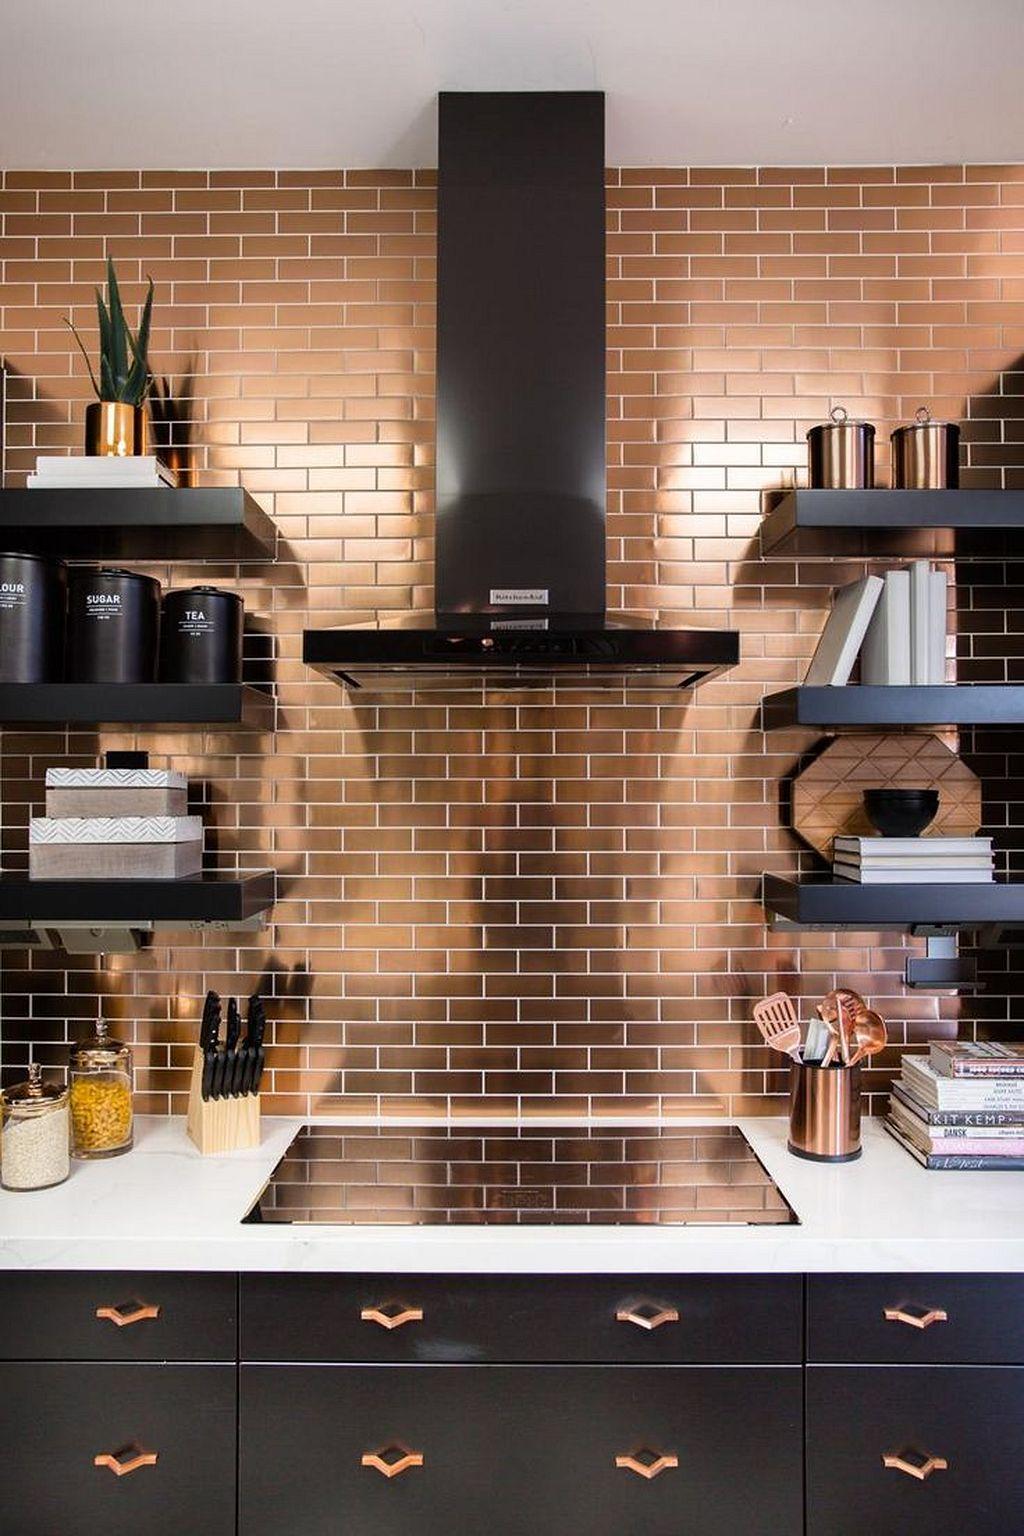 Awesome 49 Wonderful Kitchen Backsplash Decor Ideas Https